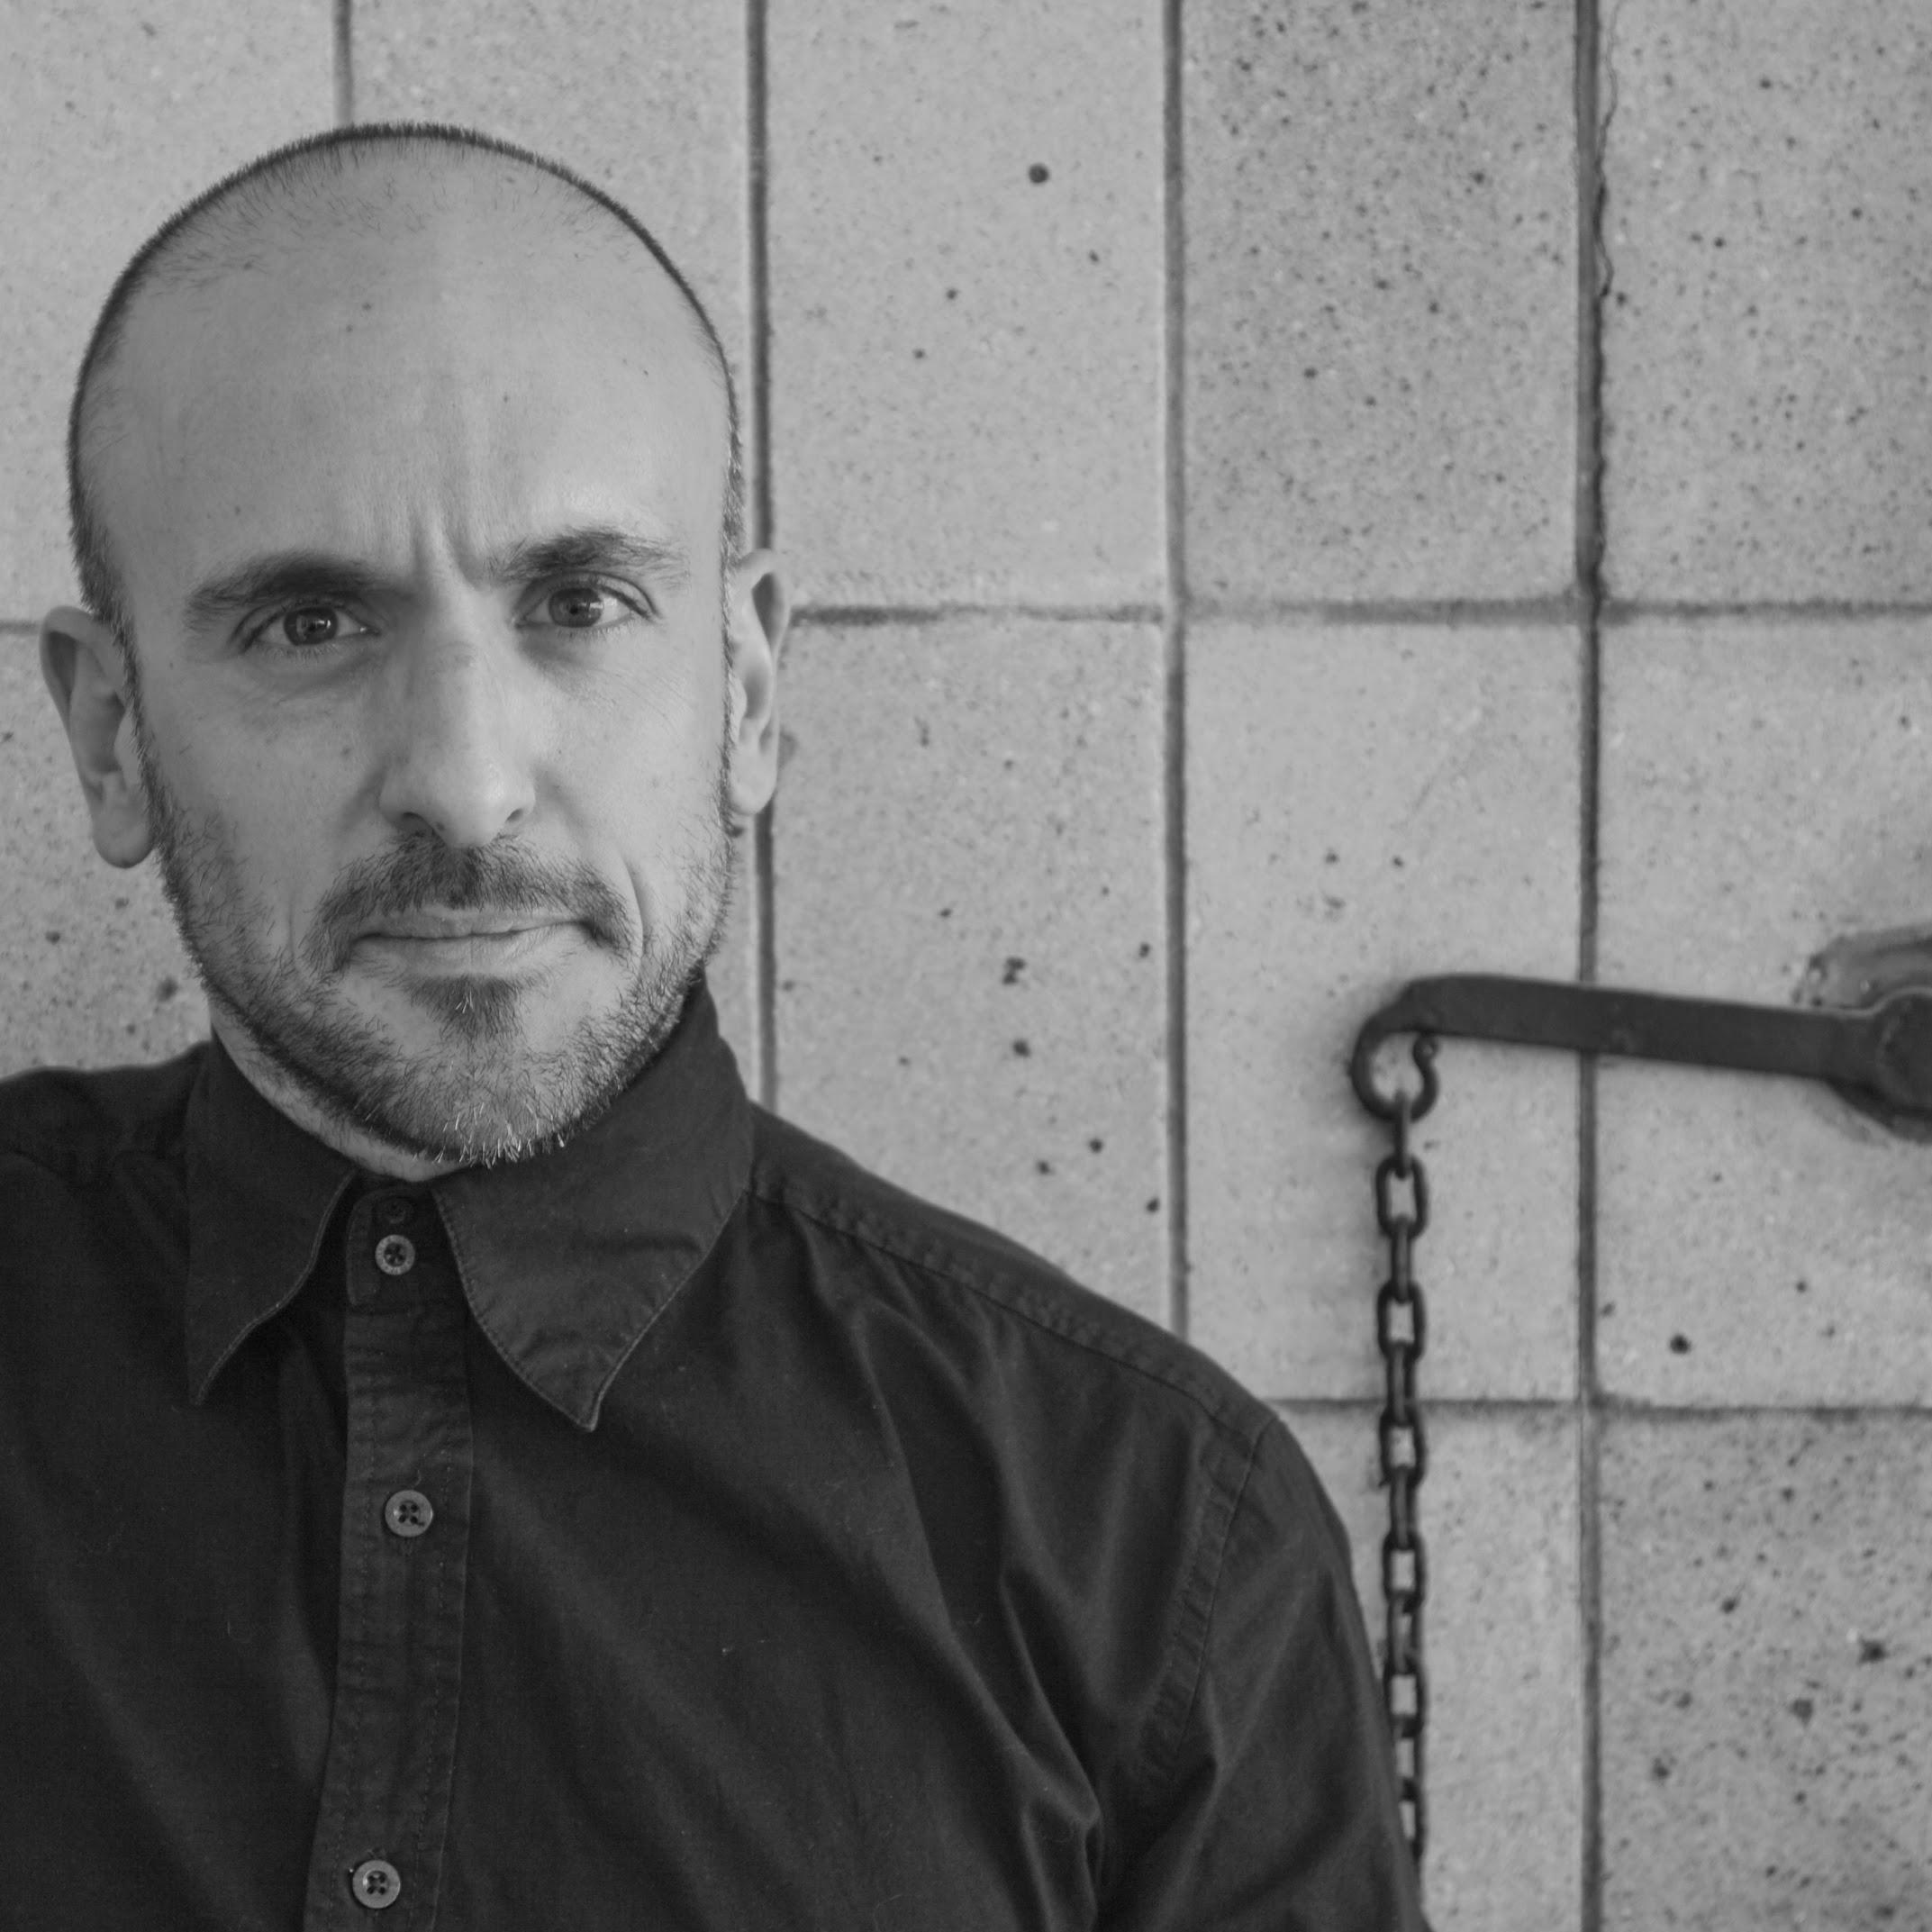 oskar-velez-carrasco-arquitecto-en-begur-costa-brava-barcelona-1-foto-jaap-hos.jpg